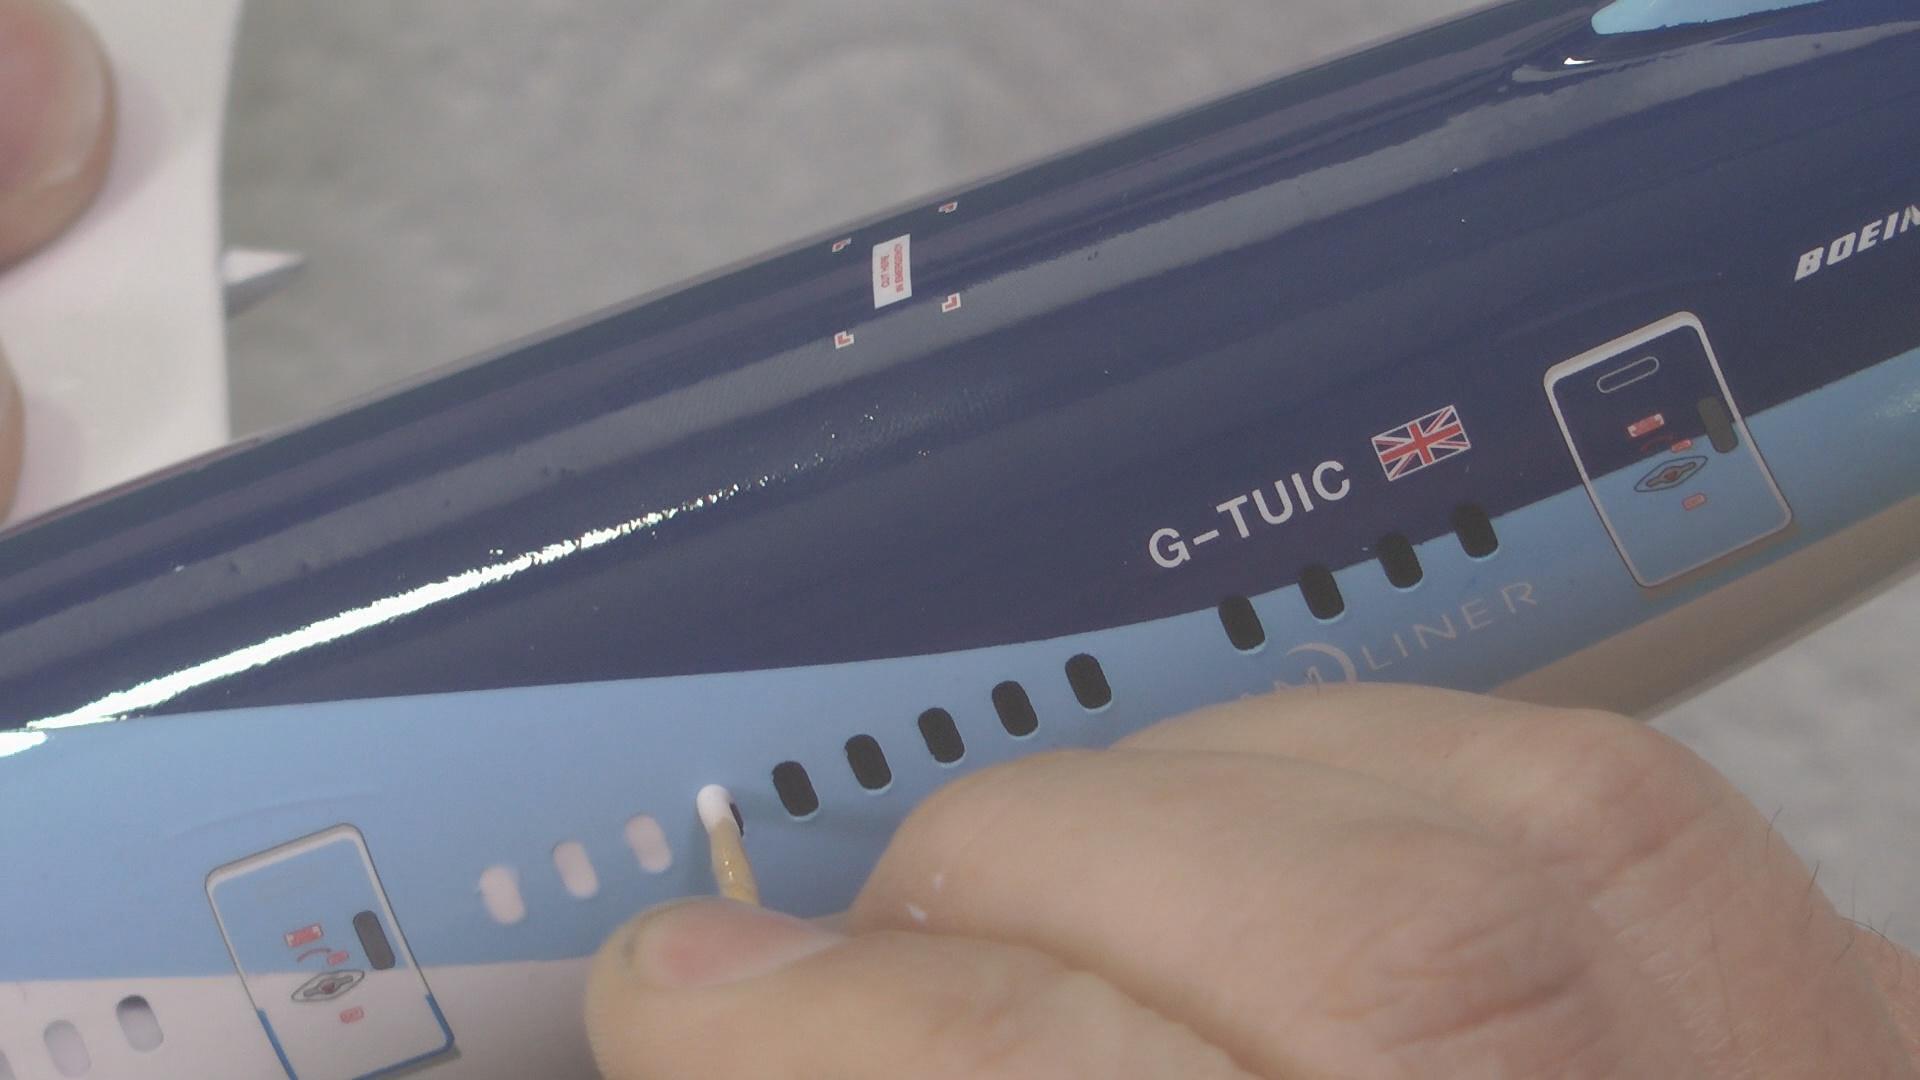 Revell 787 Dreamliner Part 7 PIC 2.jpg